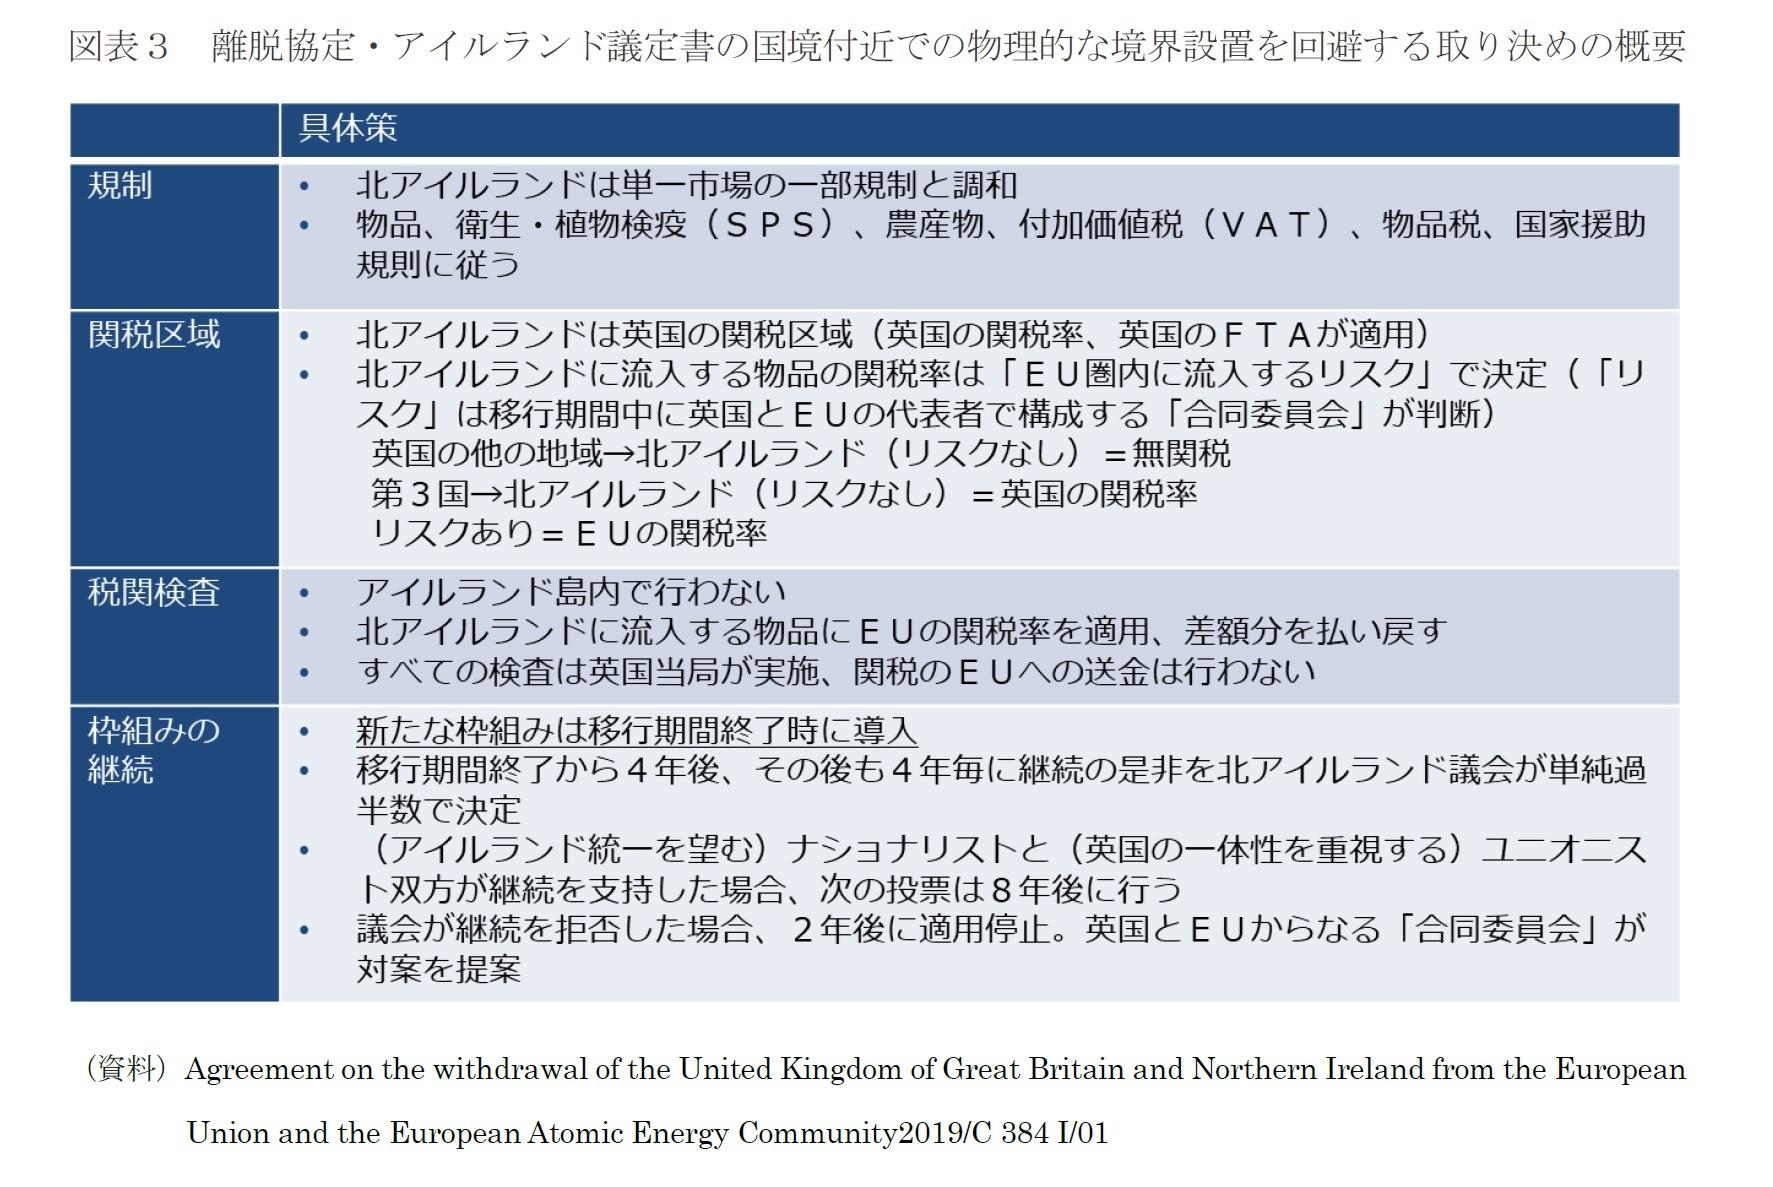 図表3 離脱協定・アイルランド議定書の国境付近での物理的な境界設置を回避する取り決めの概要